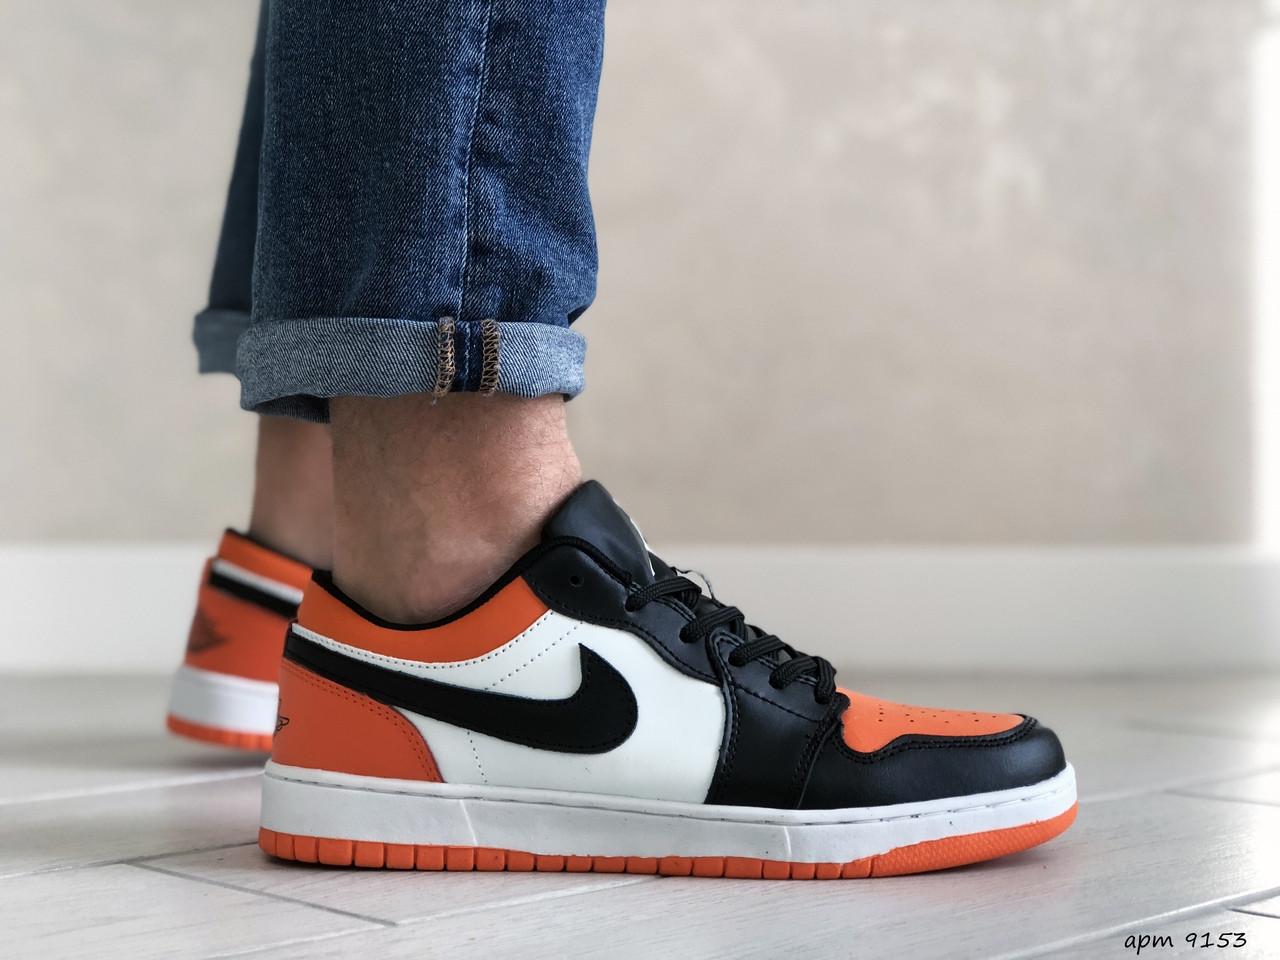 Чоловічі весняні кросівки Nike Air Jordan 1 Low, чорно білі з помаранчевим